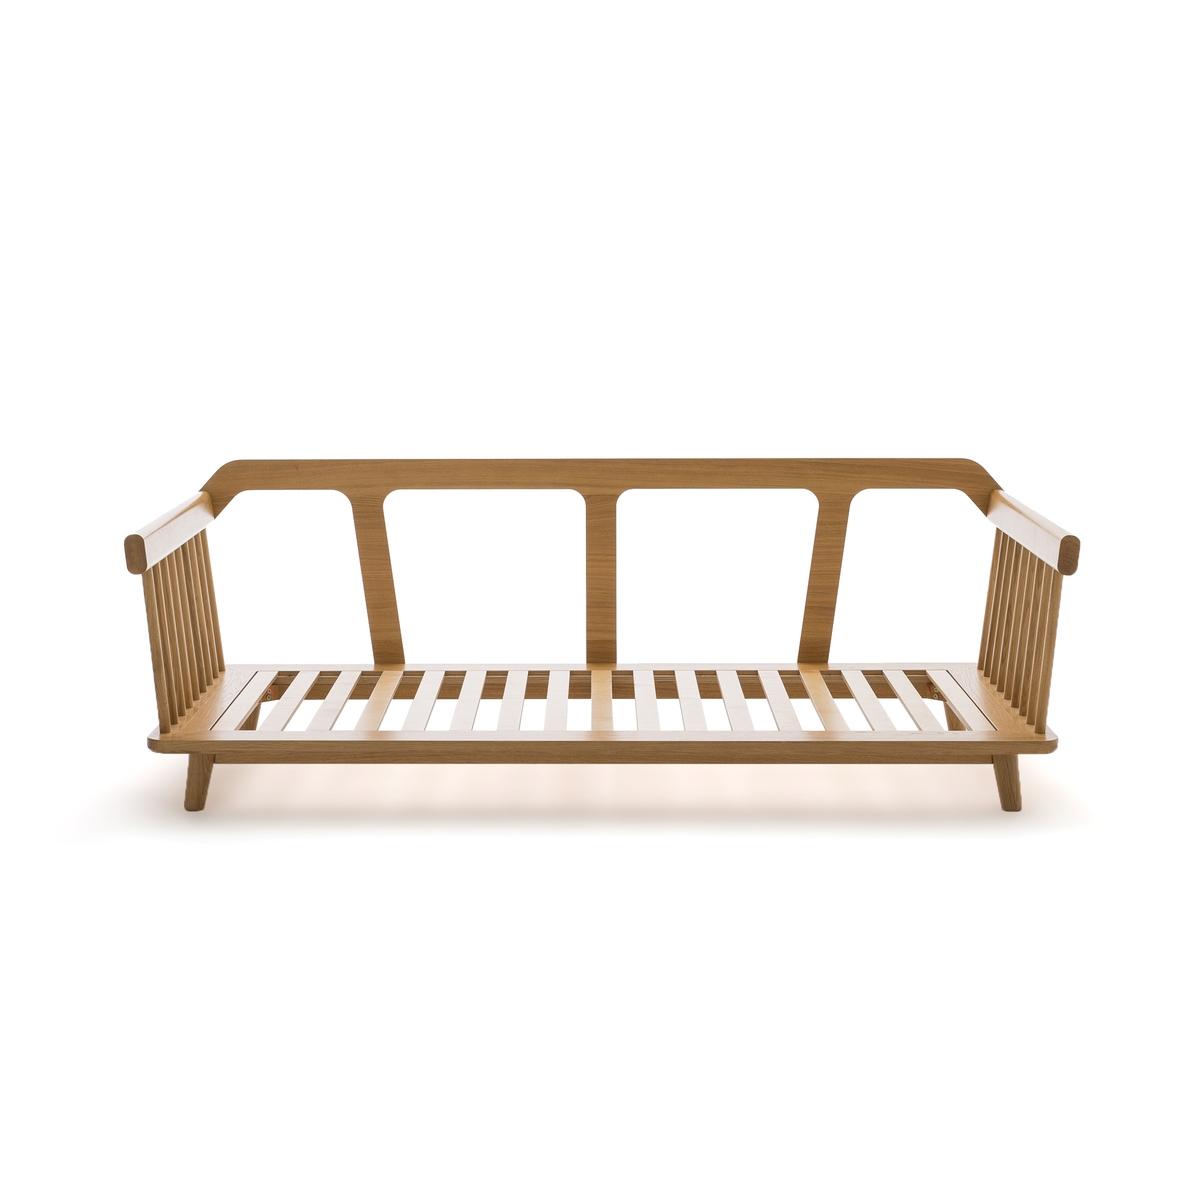 Кровать-банкетка LaRedoute Jungling дизайн Э Галлины 90 x 190 см каштановый